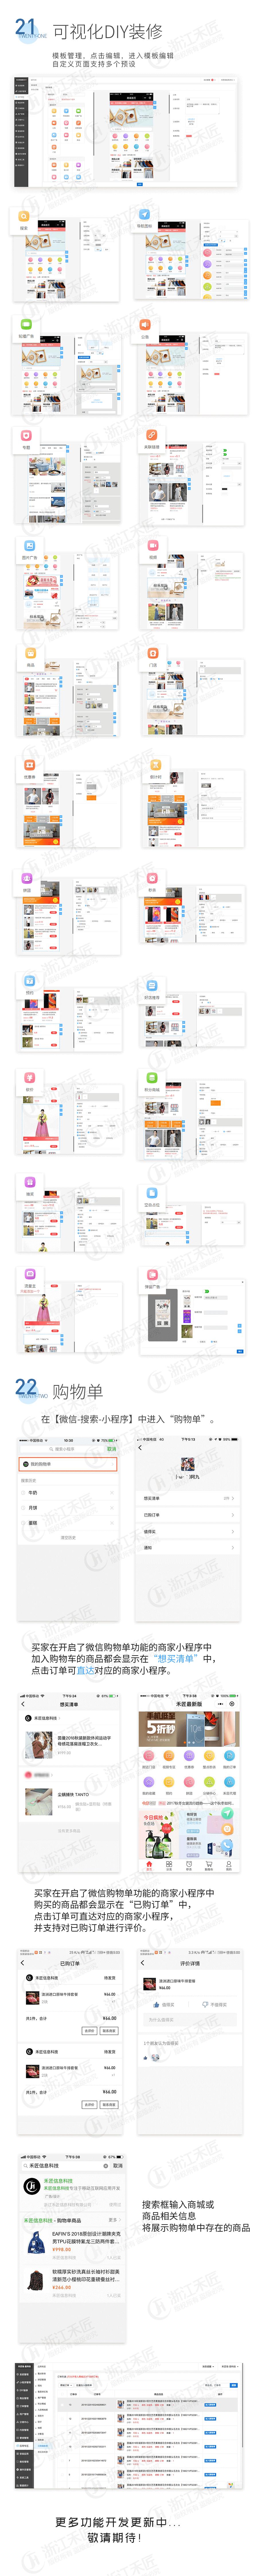 介绍D(1) (4).png